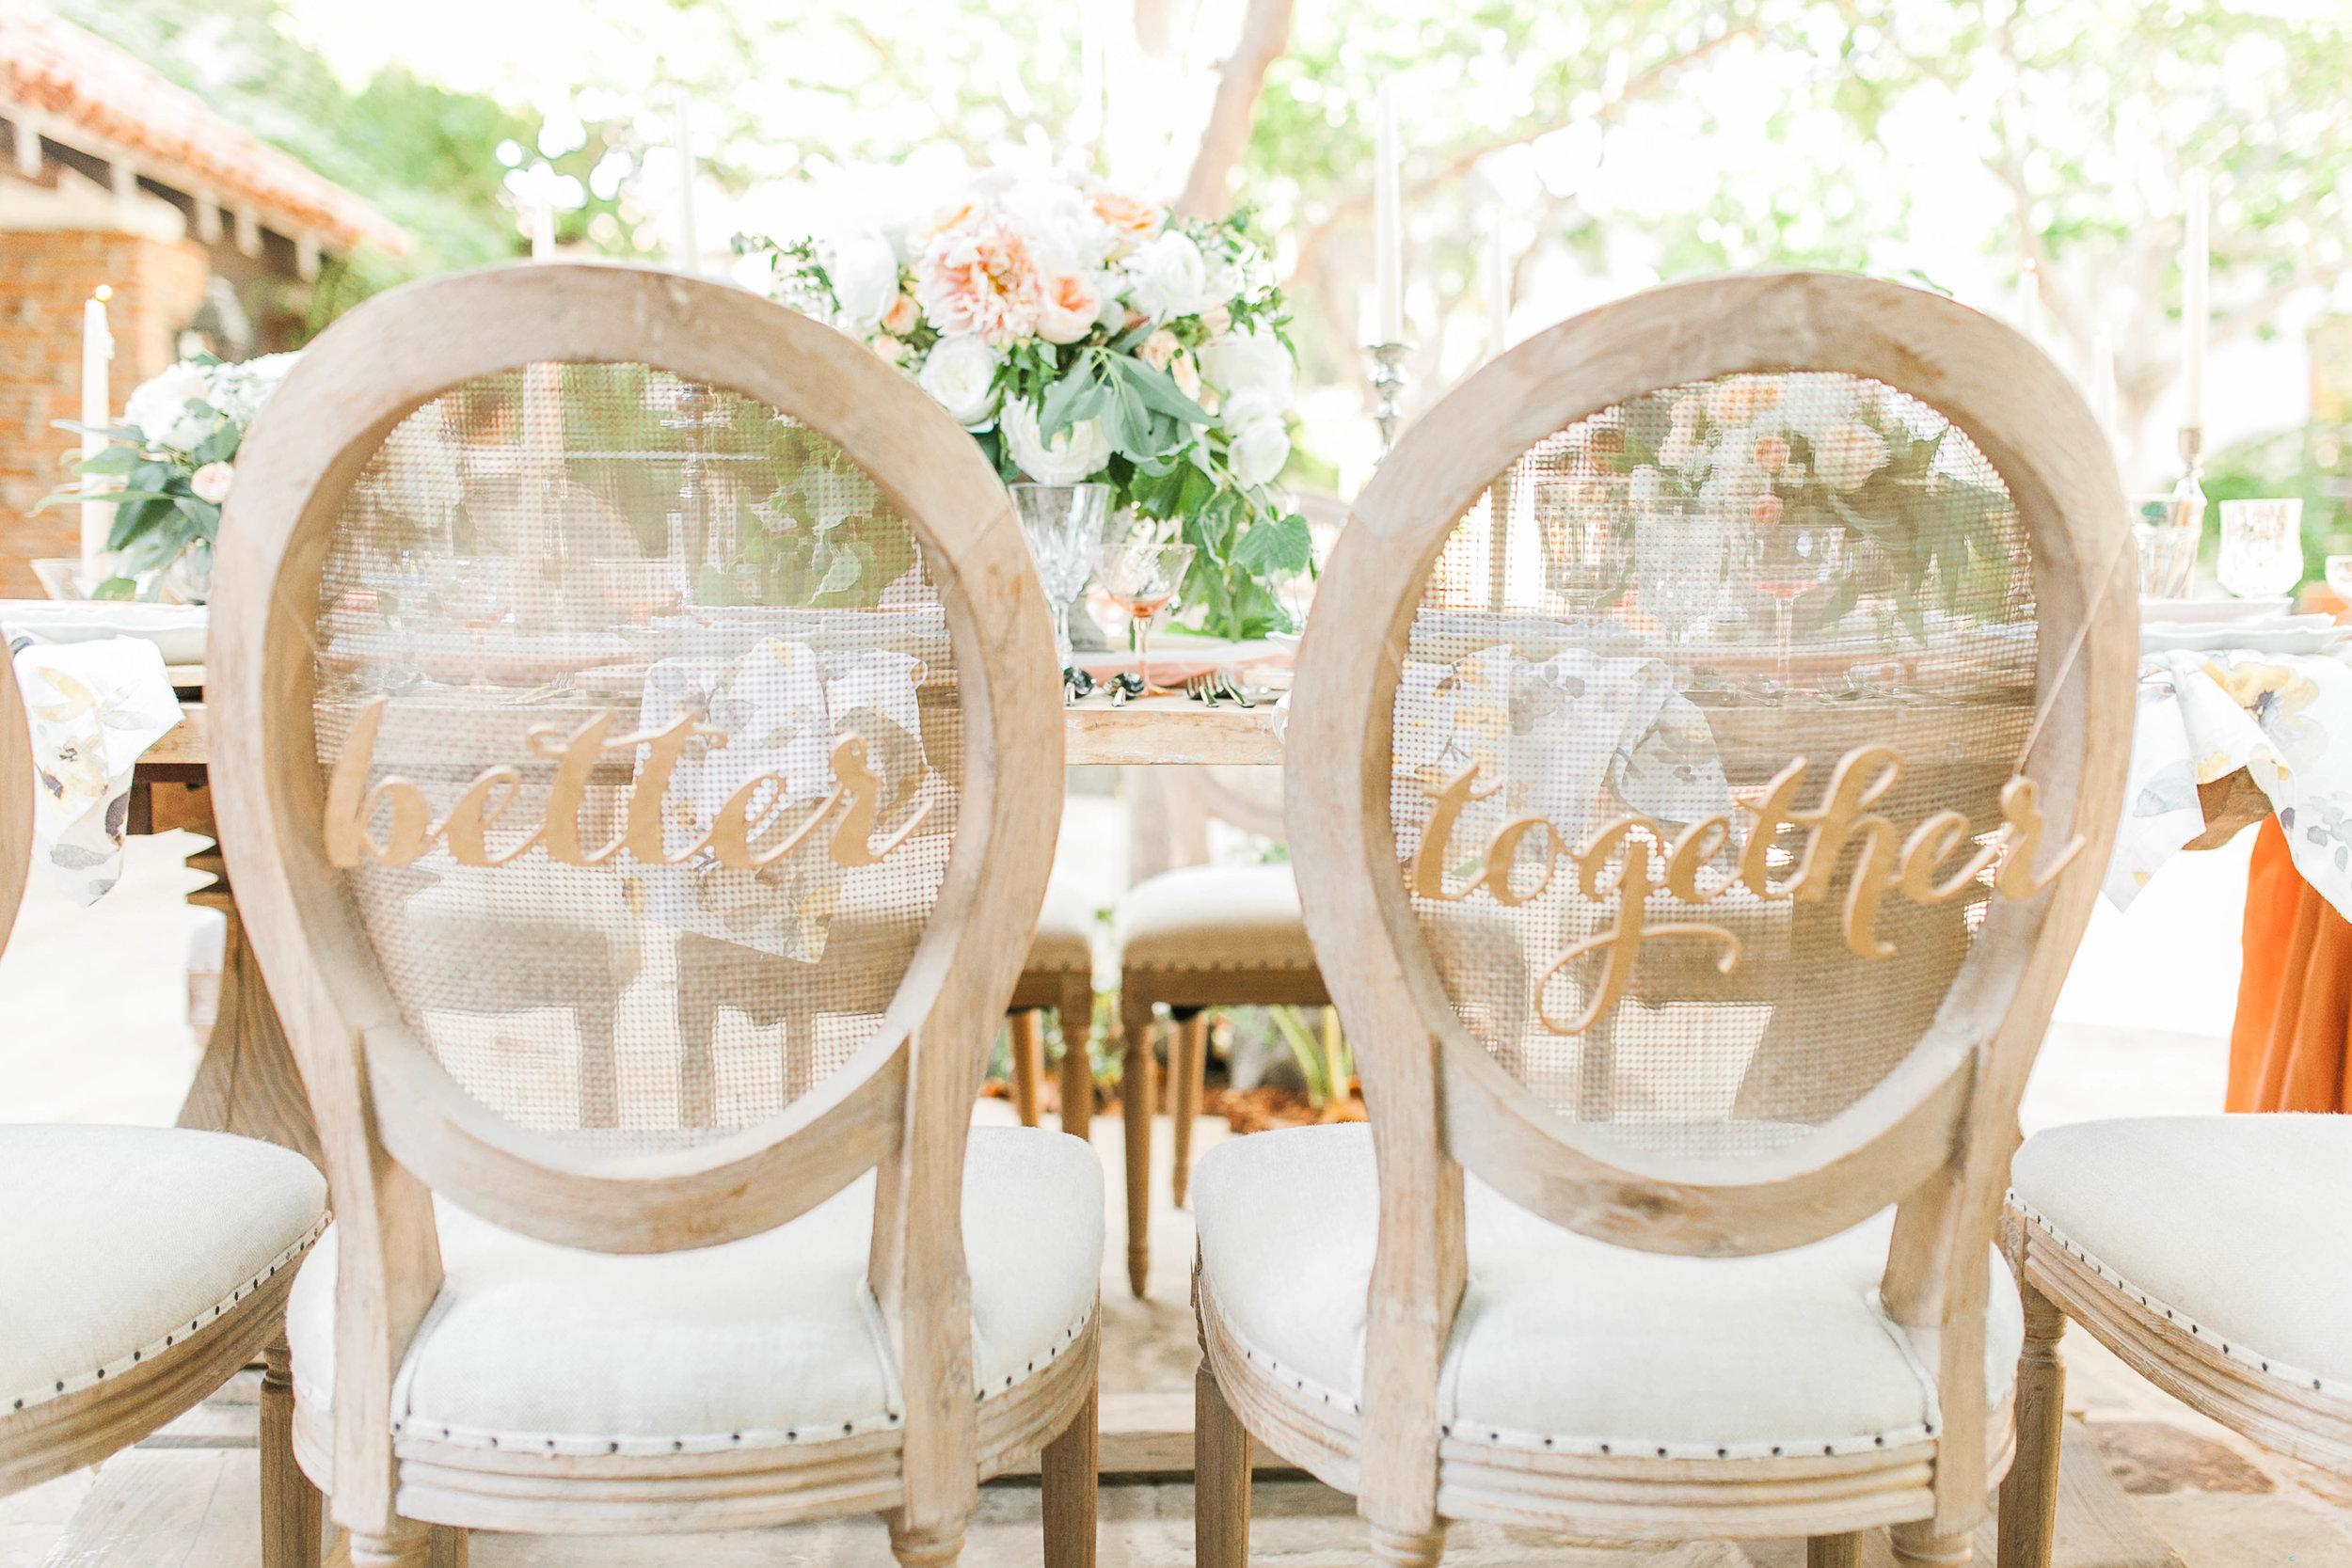 The-Villa-Wedding-Venue28.jpg